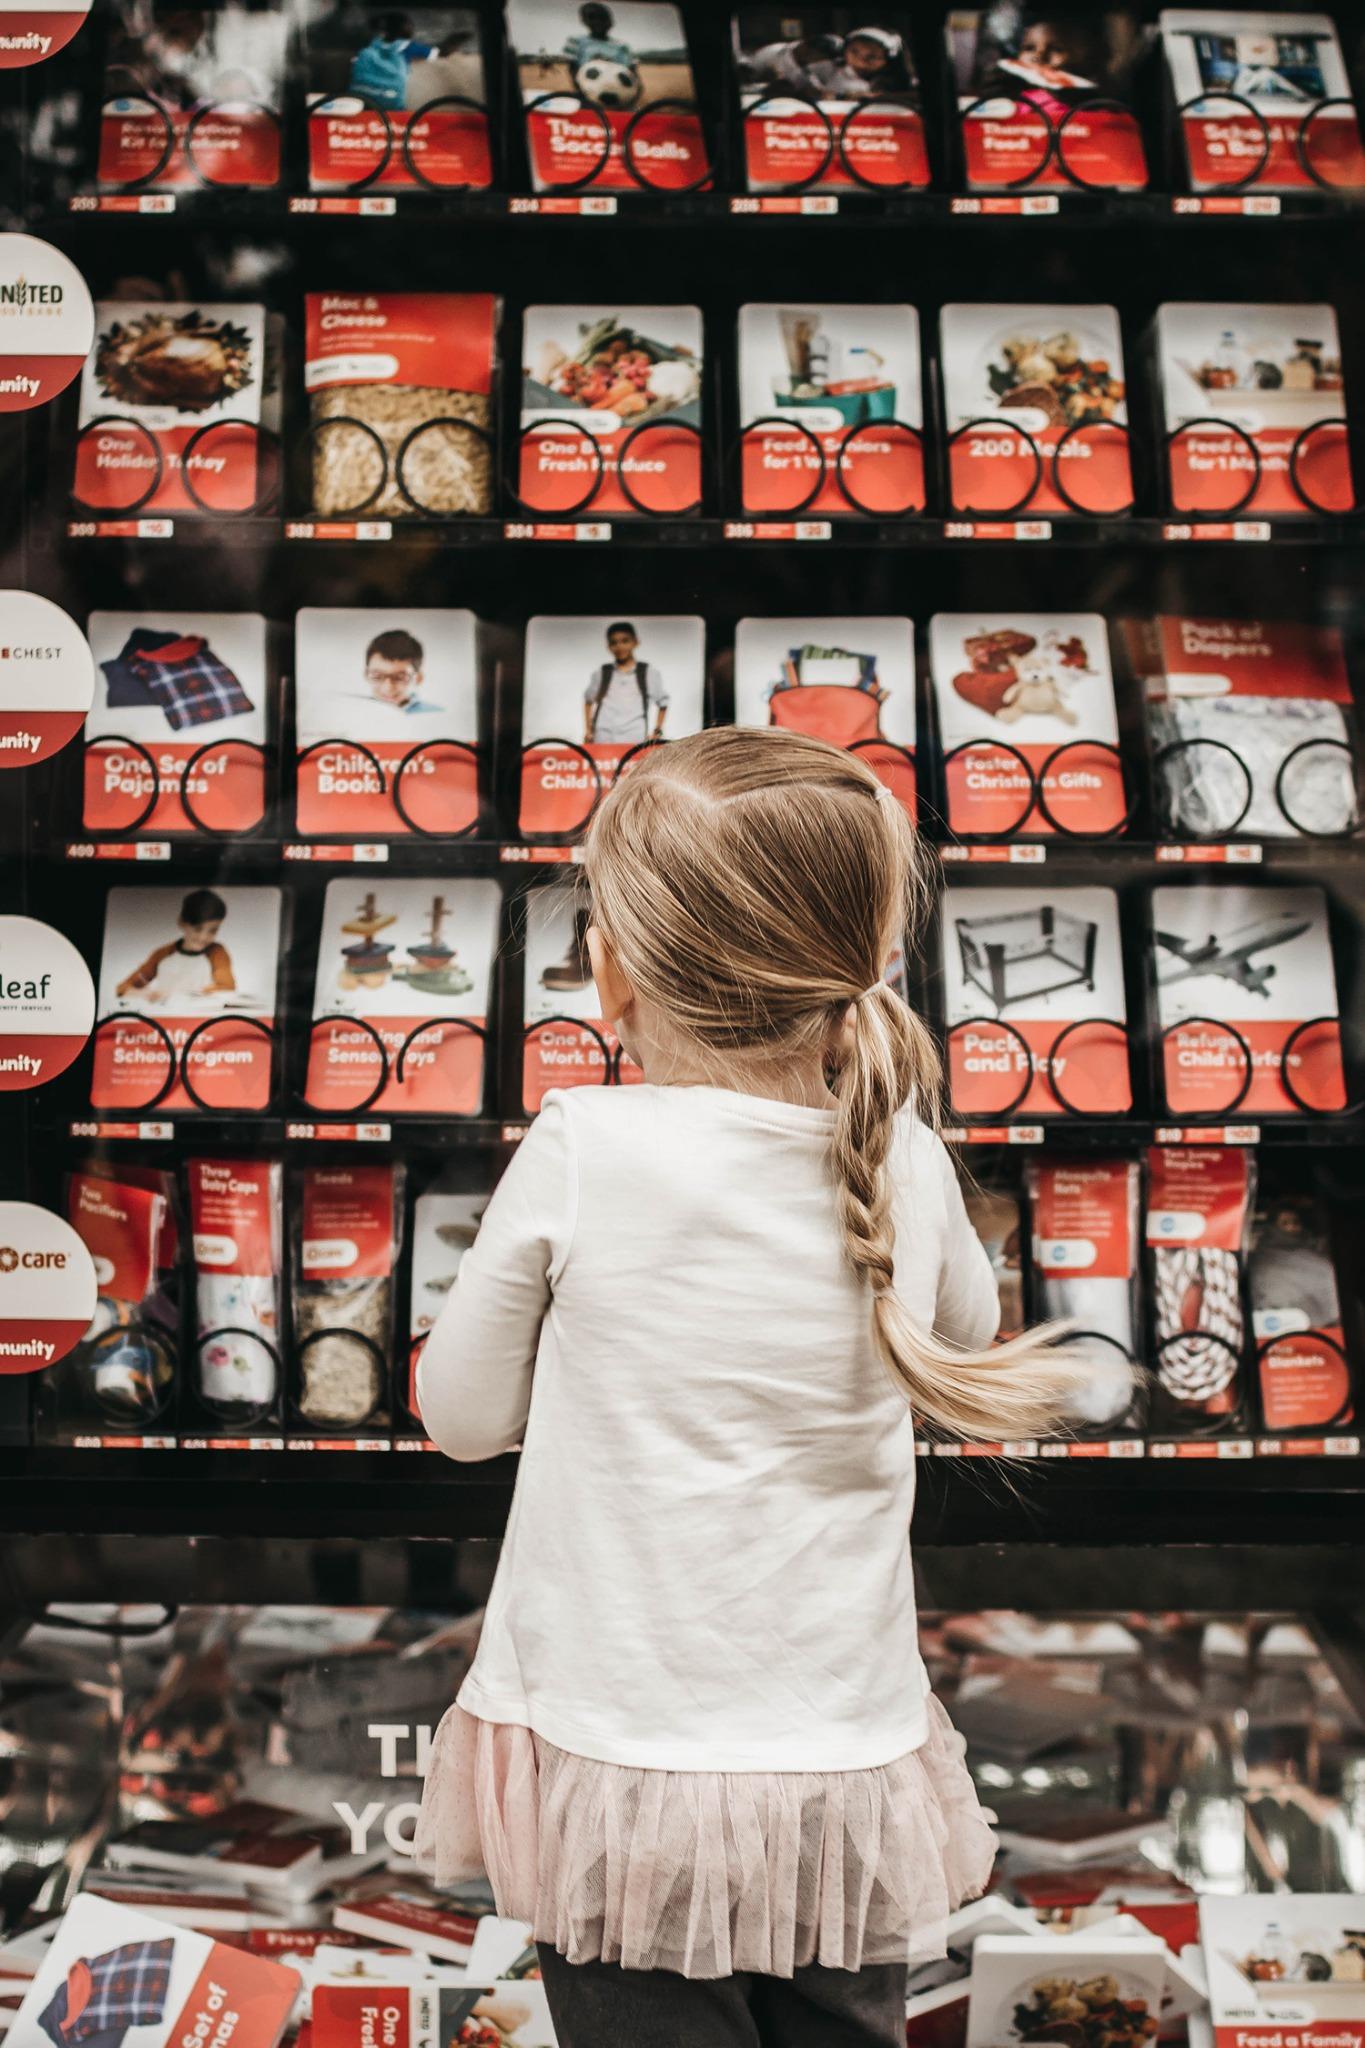 Una niña revisa las muchas opciones disponibles para comprar en una Máquina de donativos en Gilbert, Arizona. Gilbert es una de las 10 localidades donde este año se pueden hacer donaciones en la temporada Navideña.